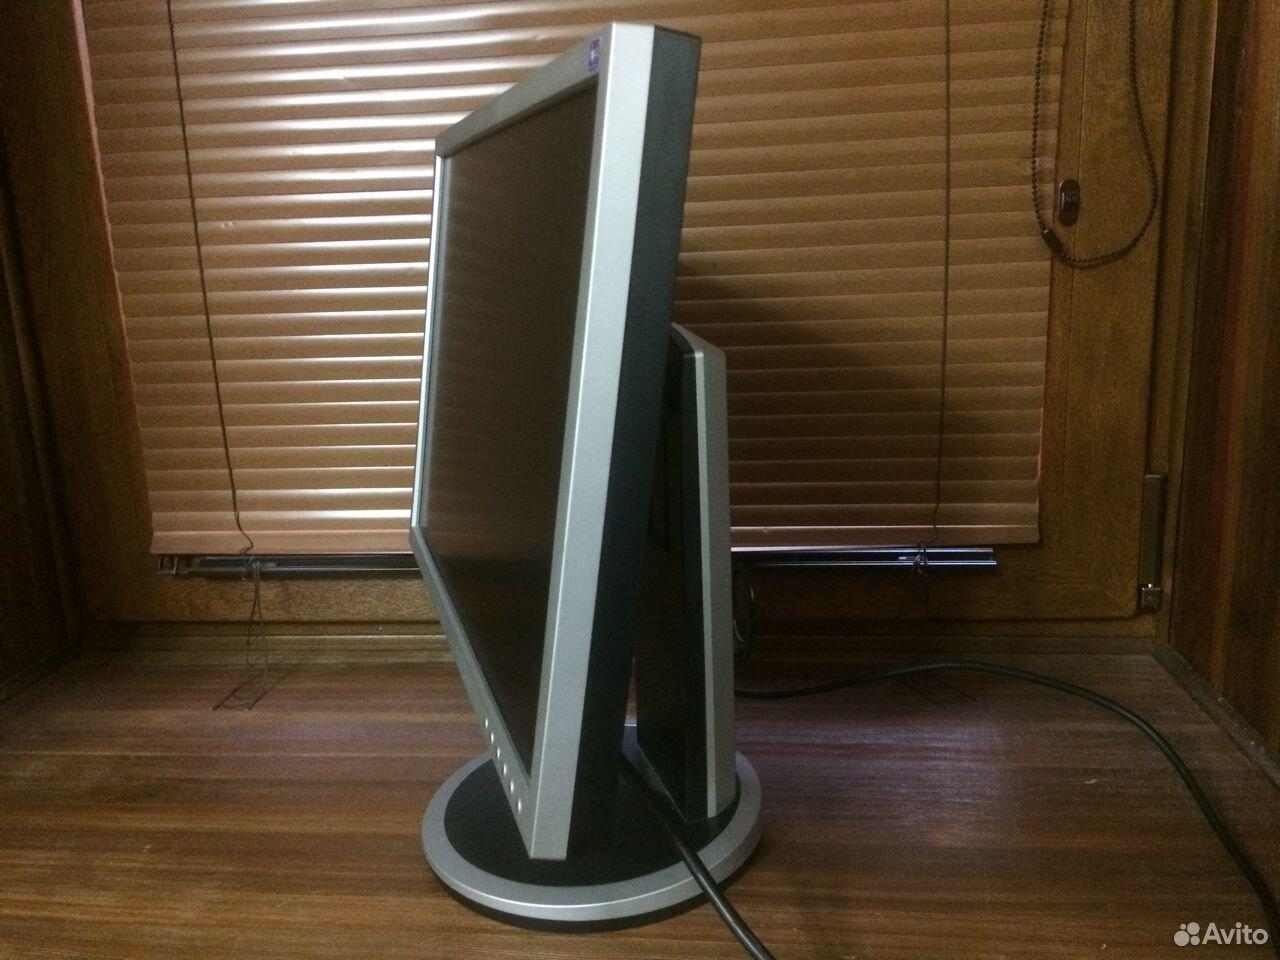 Классный монитор Samsung DVI Регулировка высоты  89964282819 купить 4